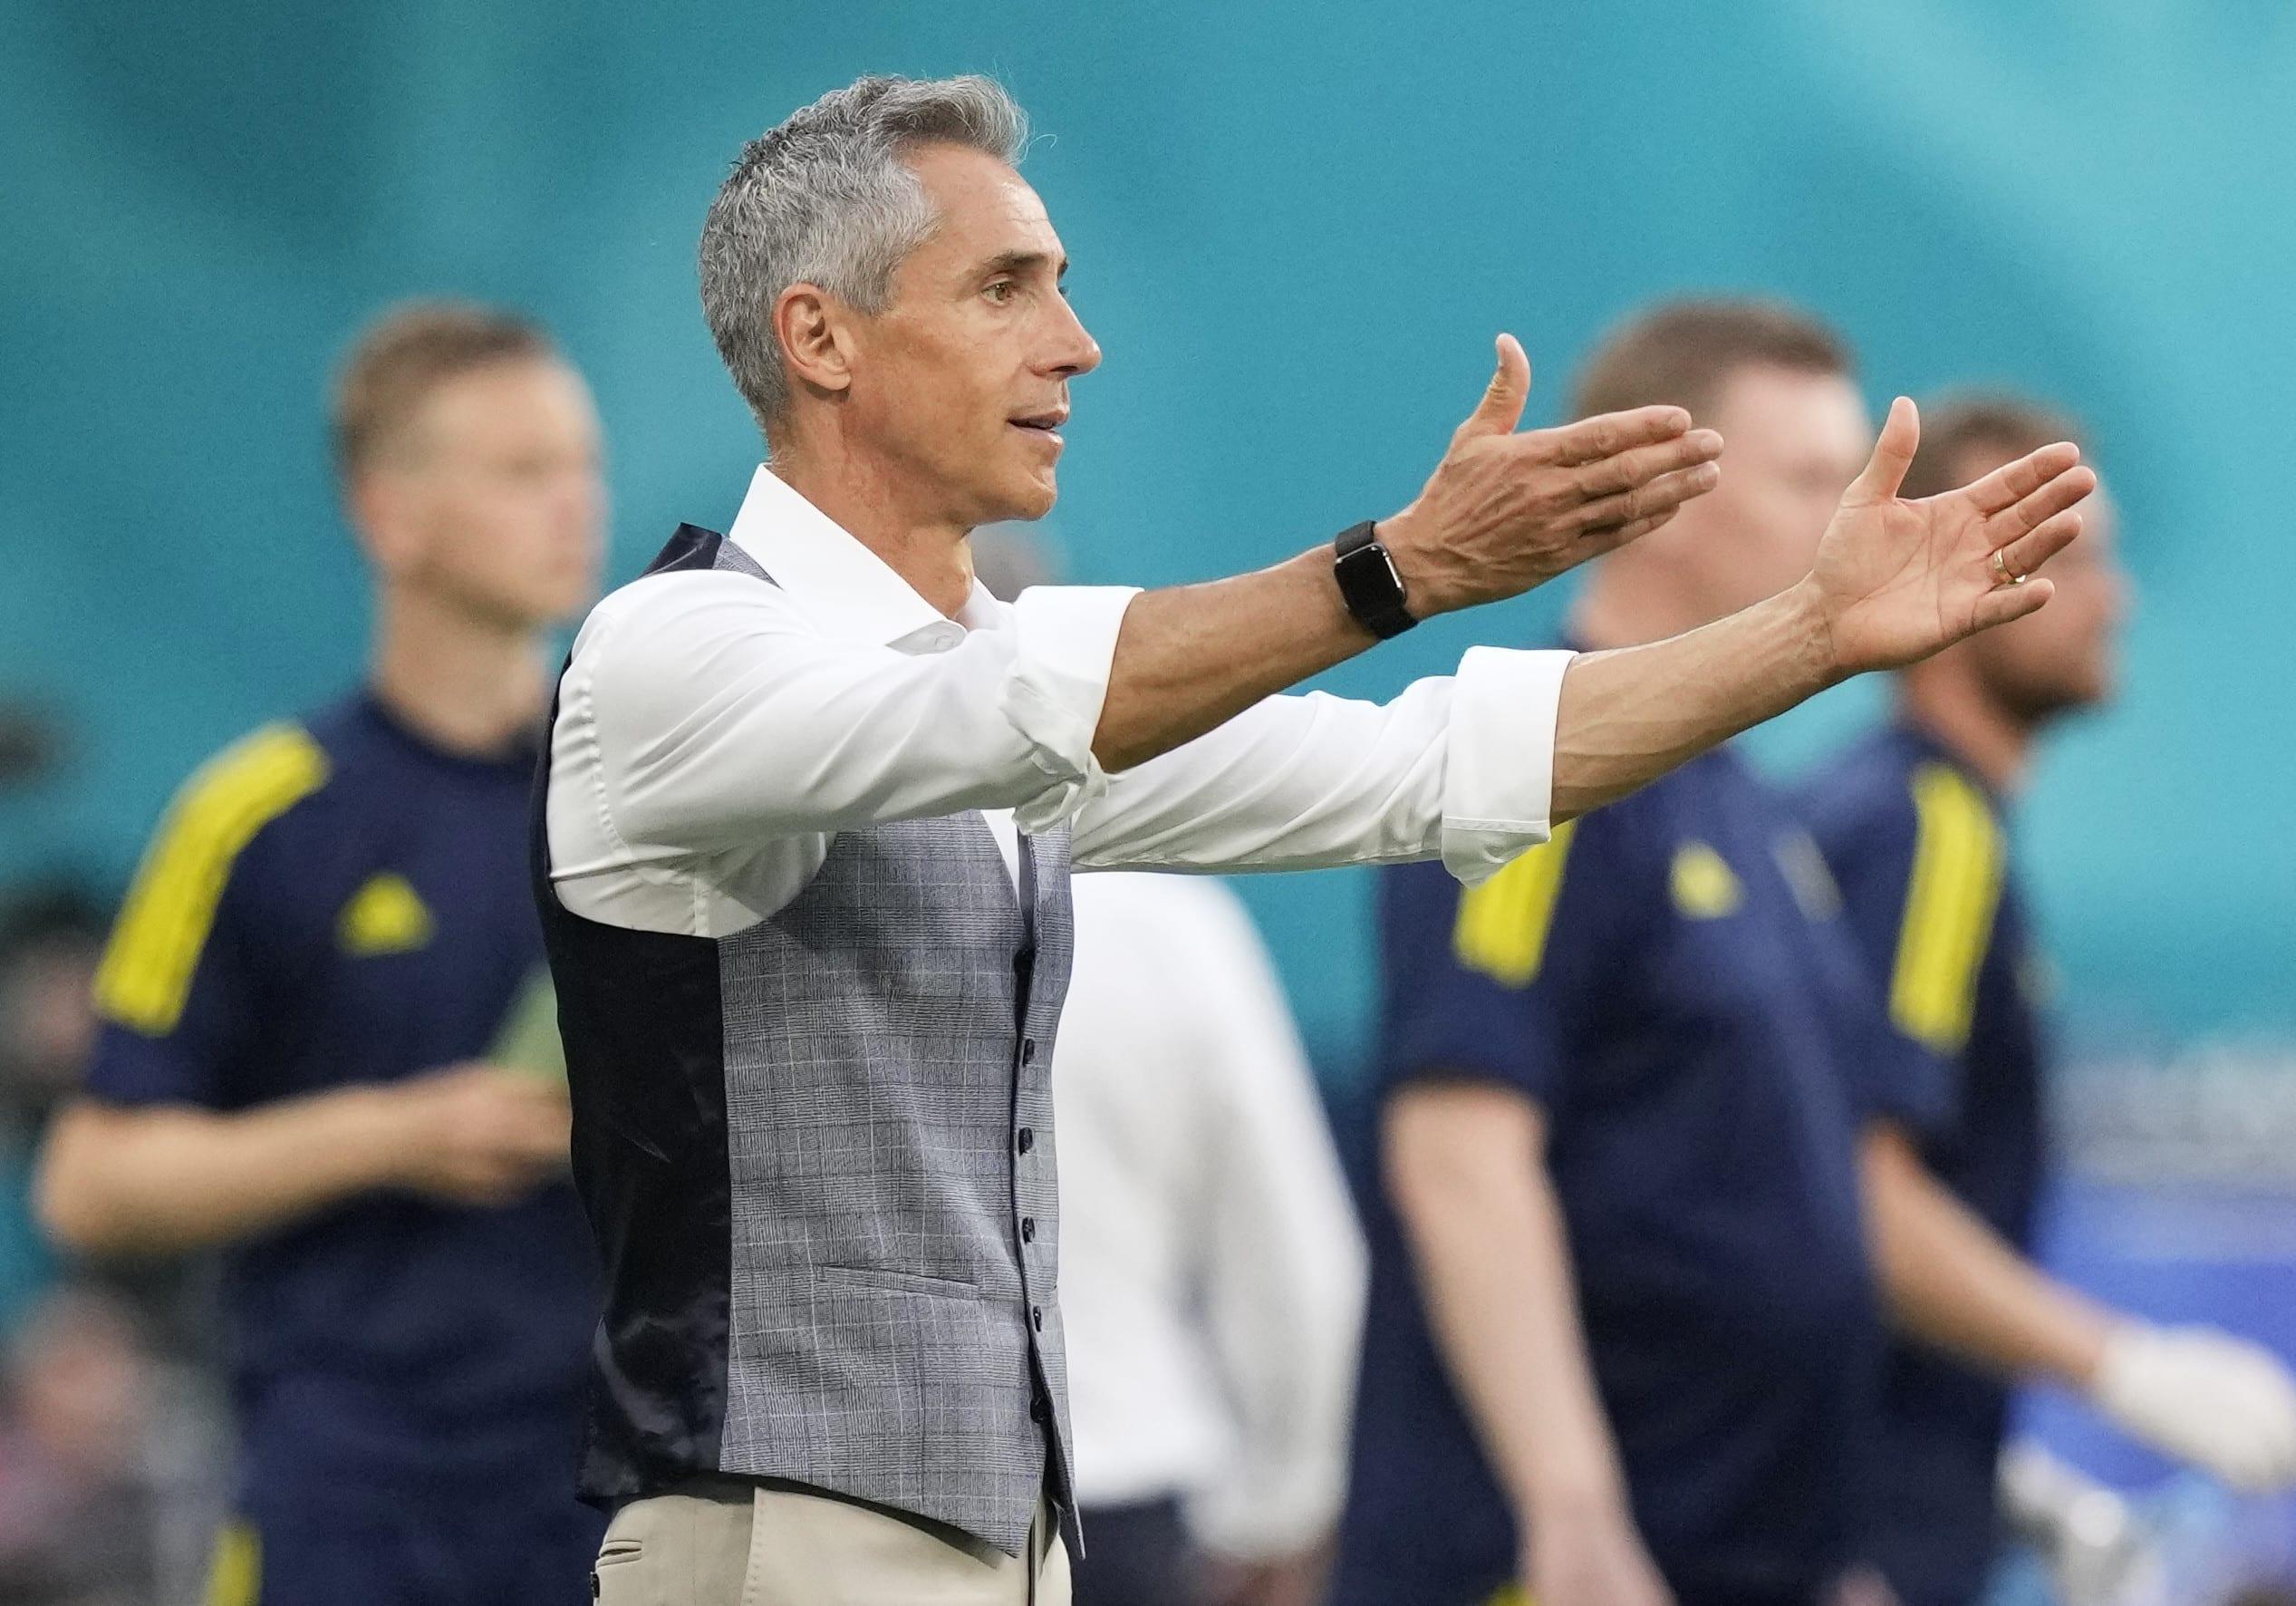 פאולו סוזה מאמן נבחרת פולין